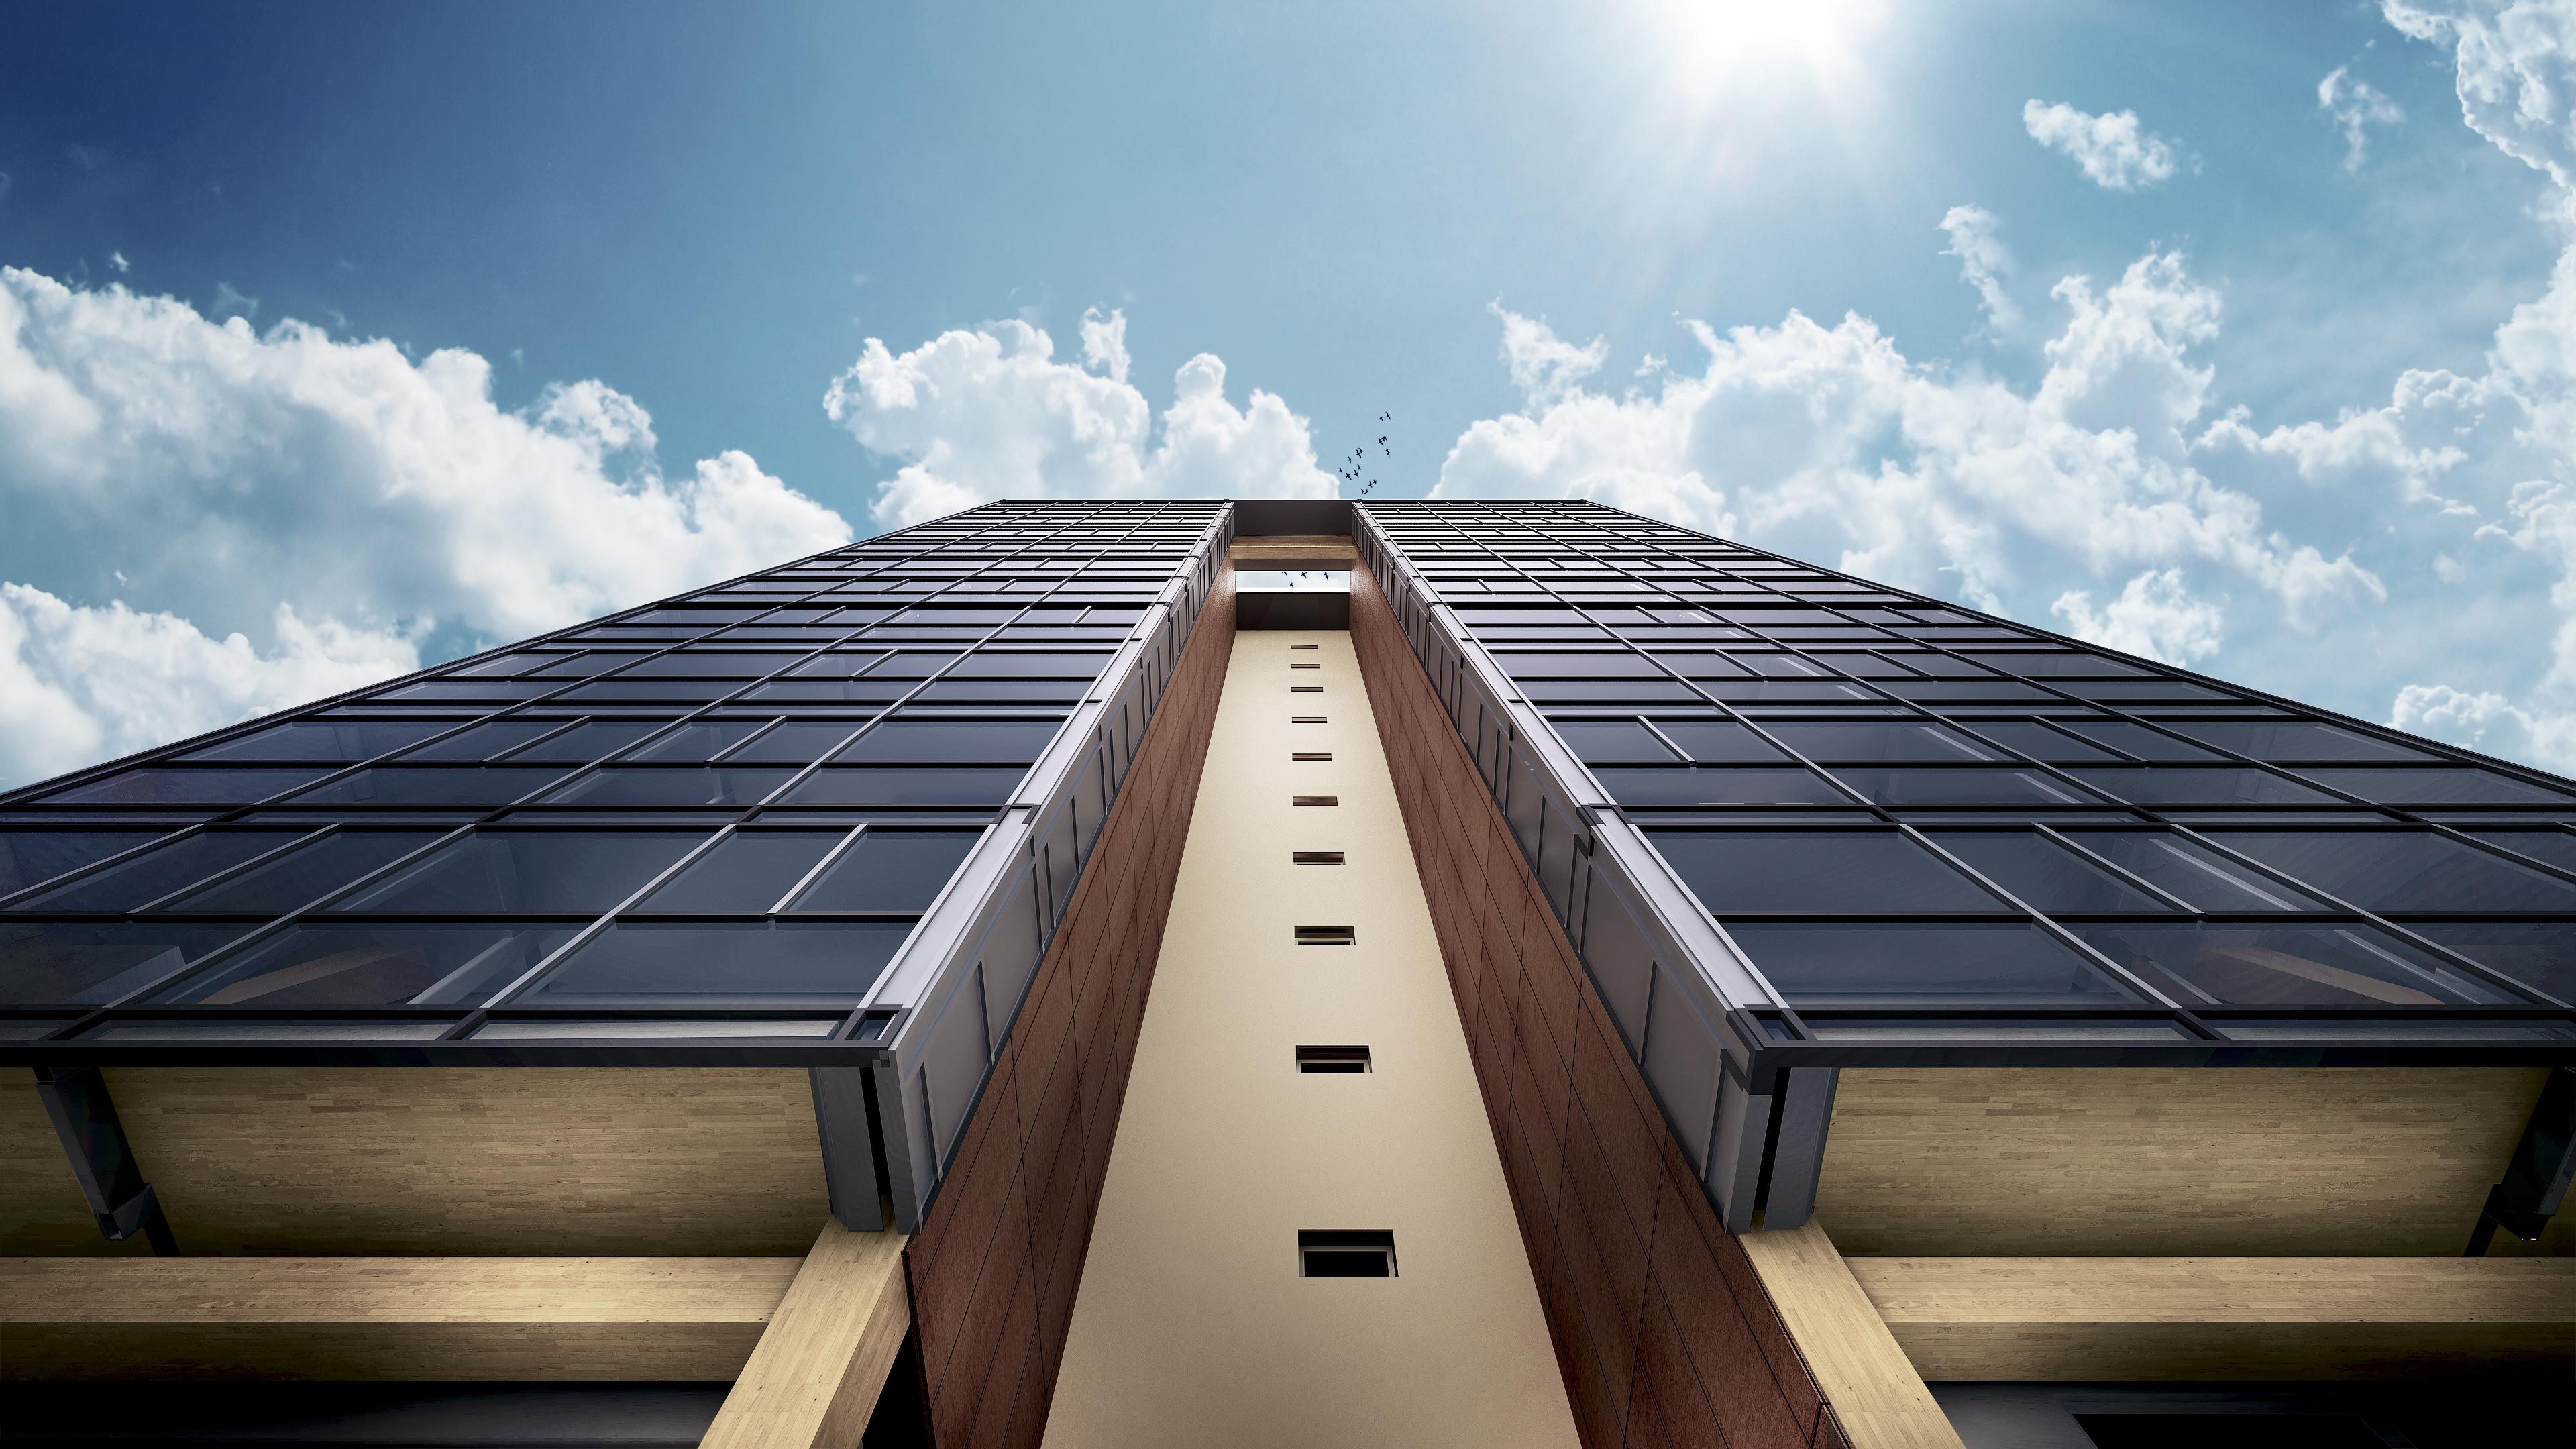 Norvège : Bergen va accueillir la plus haute tour en bois du monde